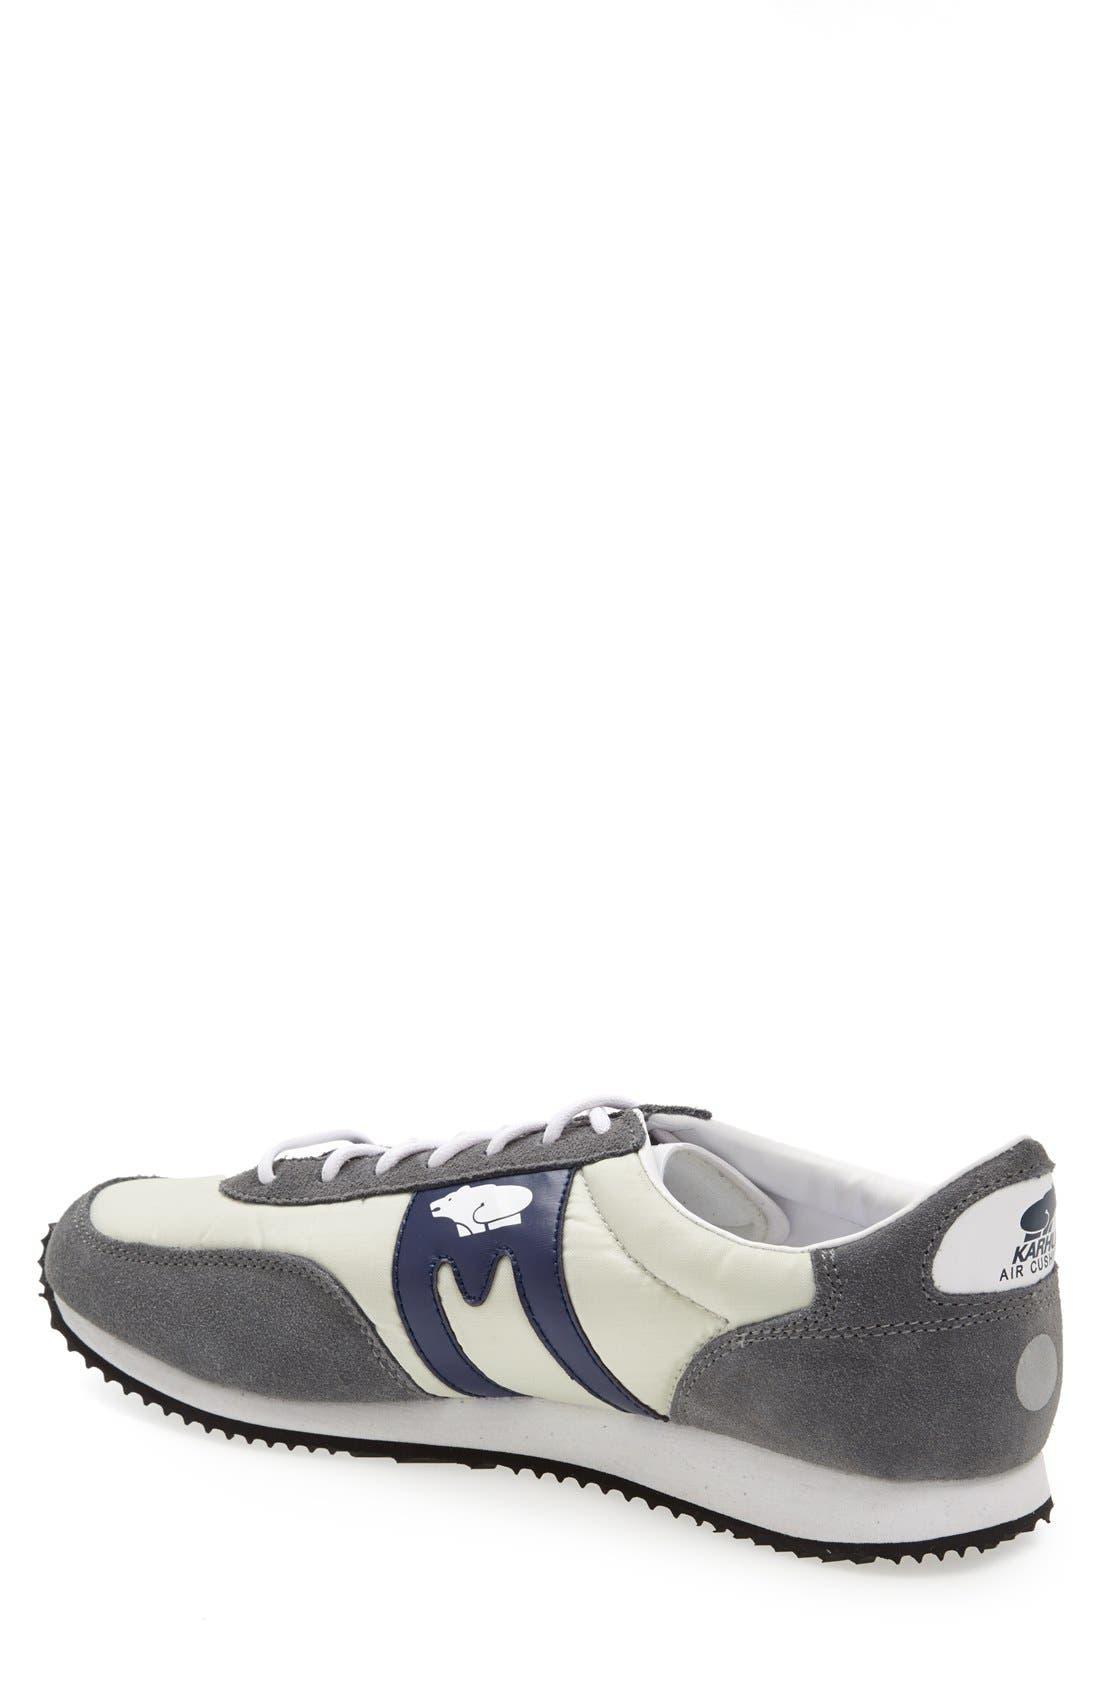 'Albatross' Sneaker,                             Alternate thumbnail 4, color,                             020